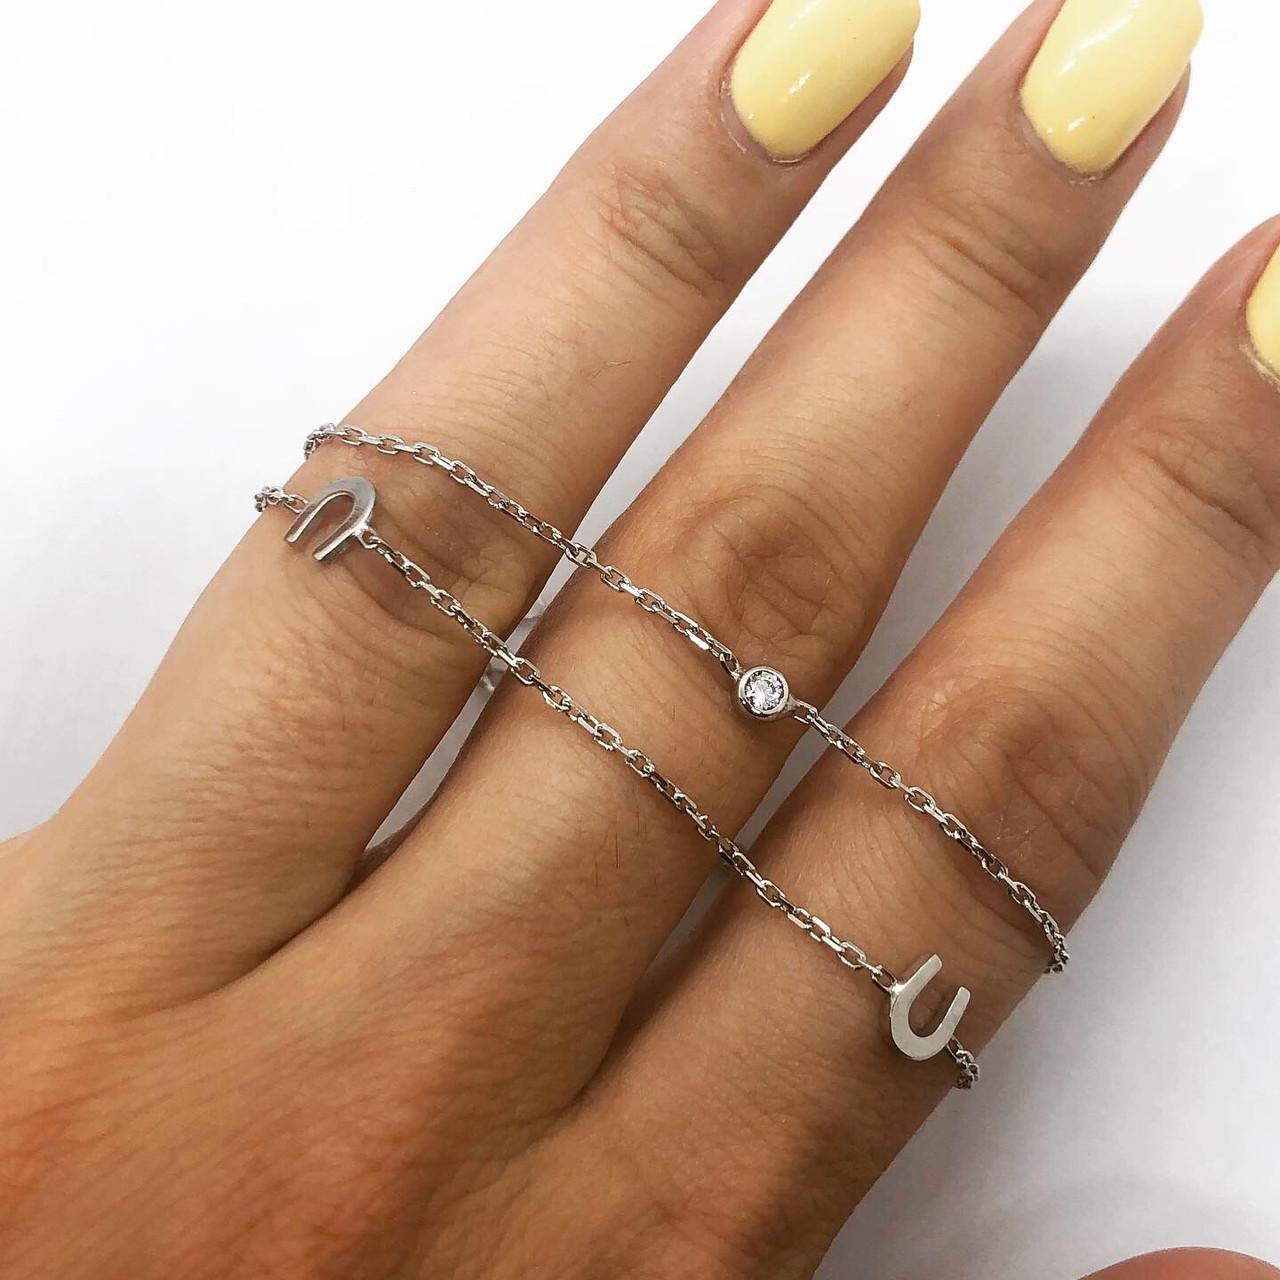 Браслет из серебра 925 My Jewels с подковой, фото 1